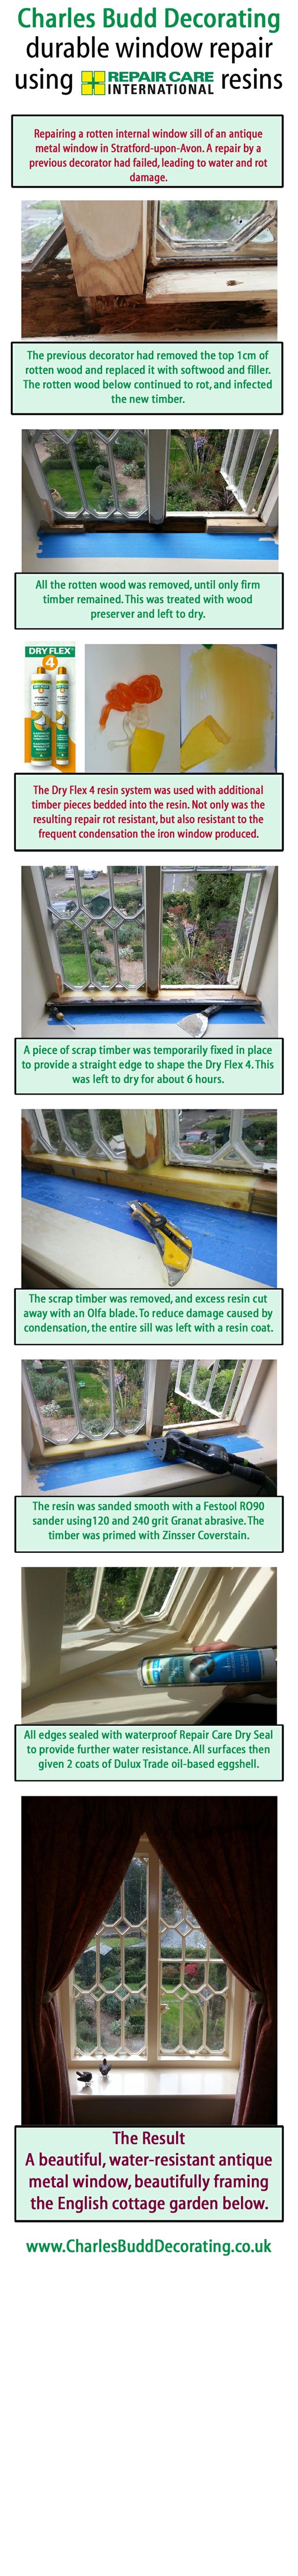 Interior window repair